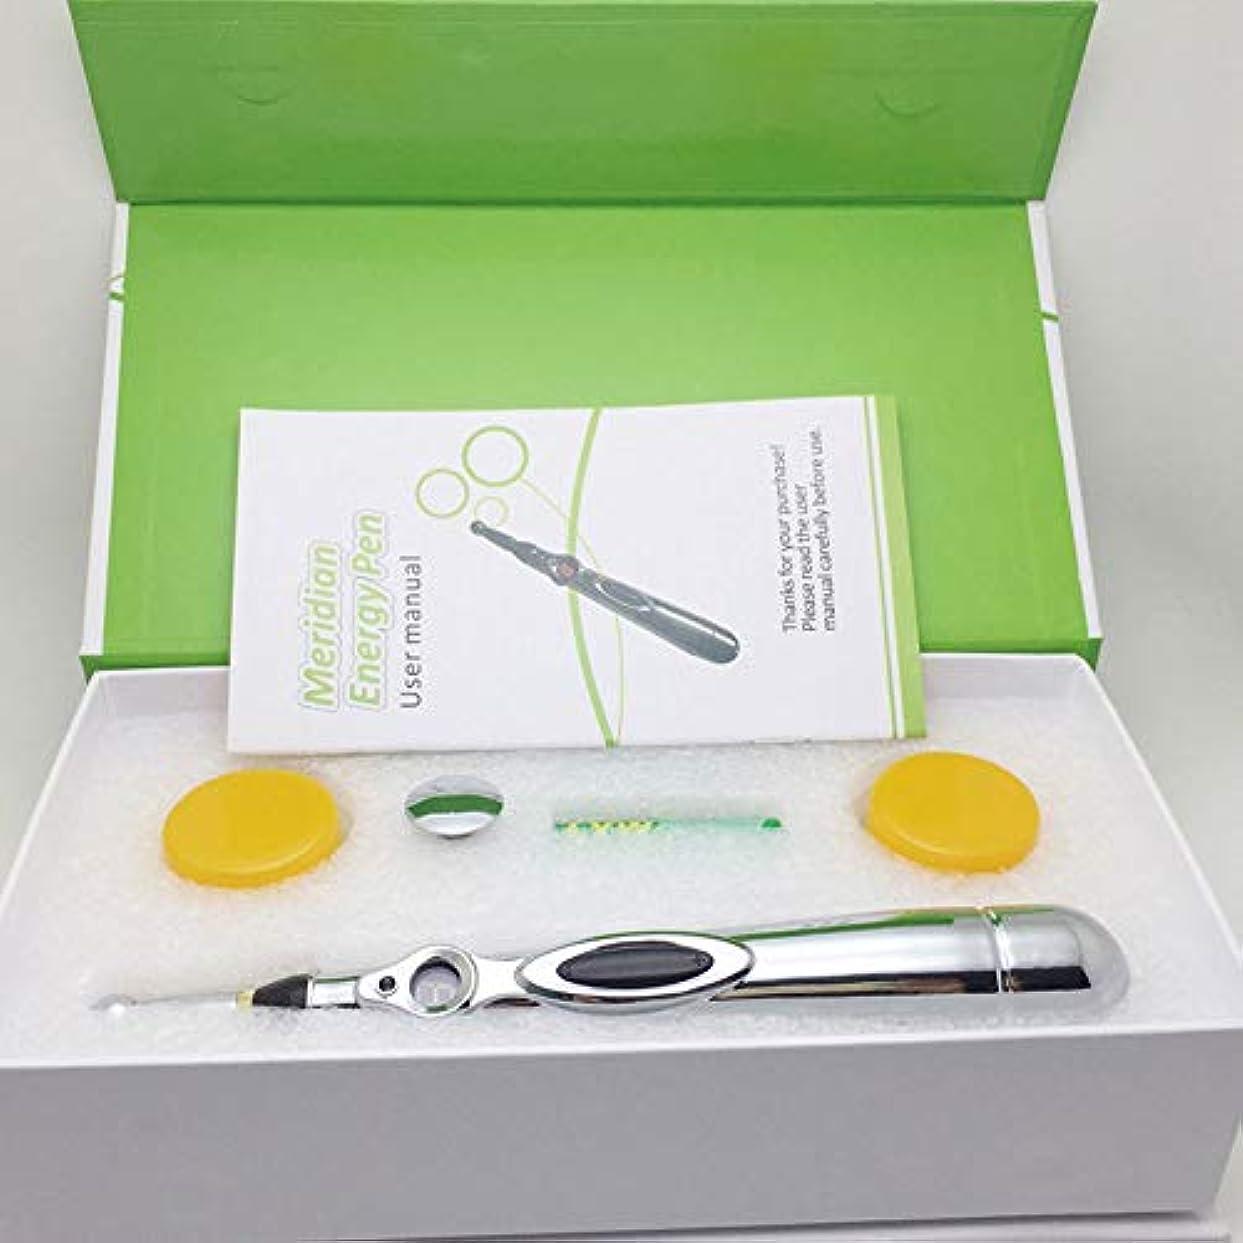 祝福操る相対的循環エネルギーメリディアンペンマジックメリディアンマッサージペンメリディアンツボペン中年用品